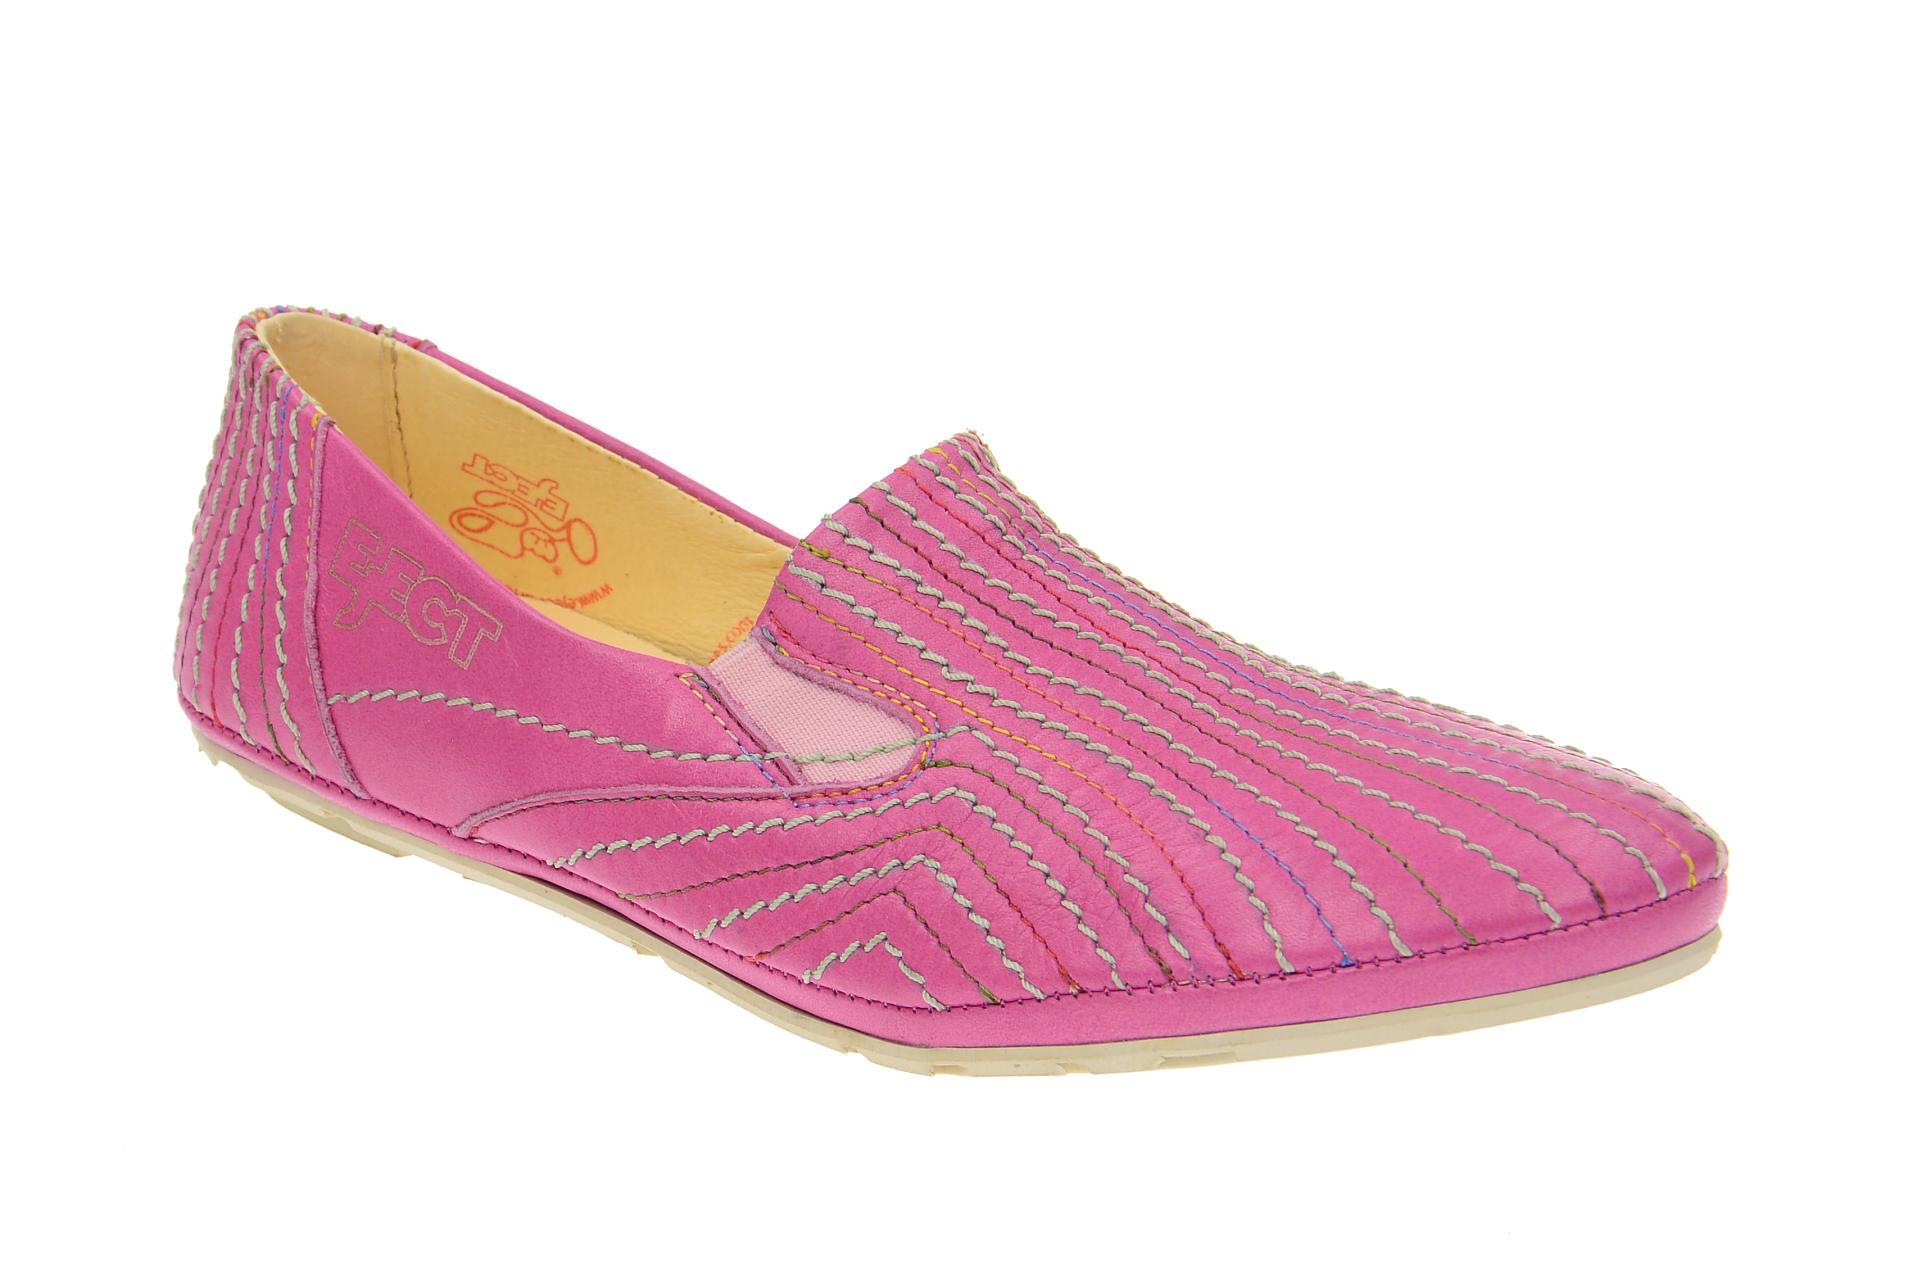 damen halbschuhe eject confy slipper pink echtleder schuhe sommer 2015 ebay. Black Bedroom Furniture Sets. Home Design Ideas